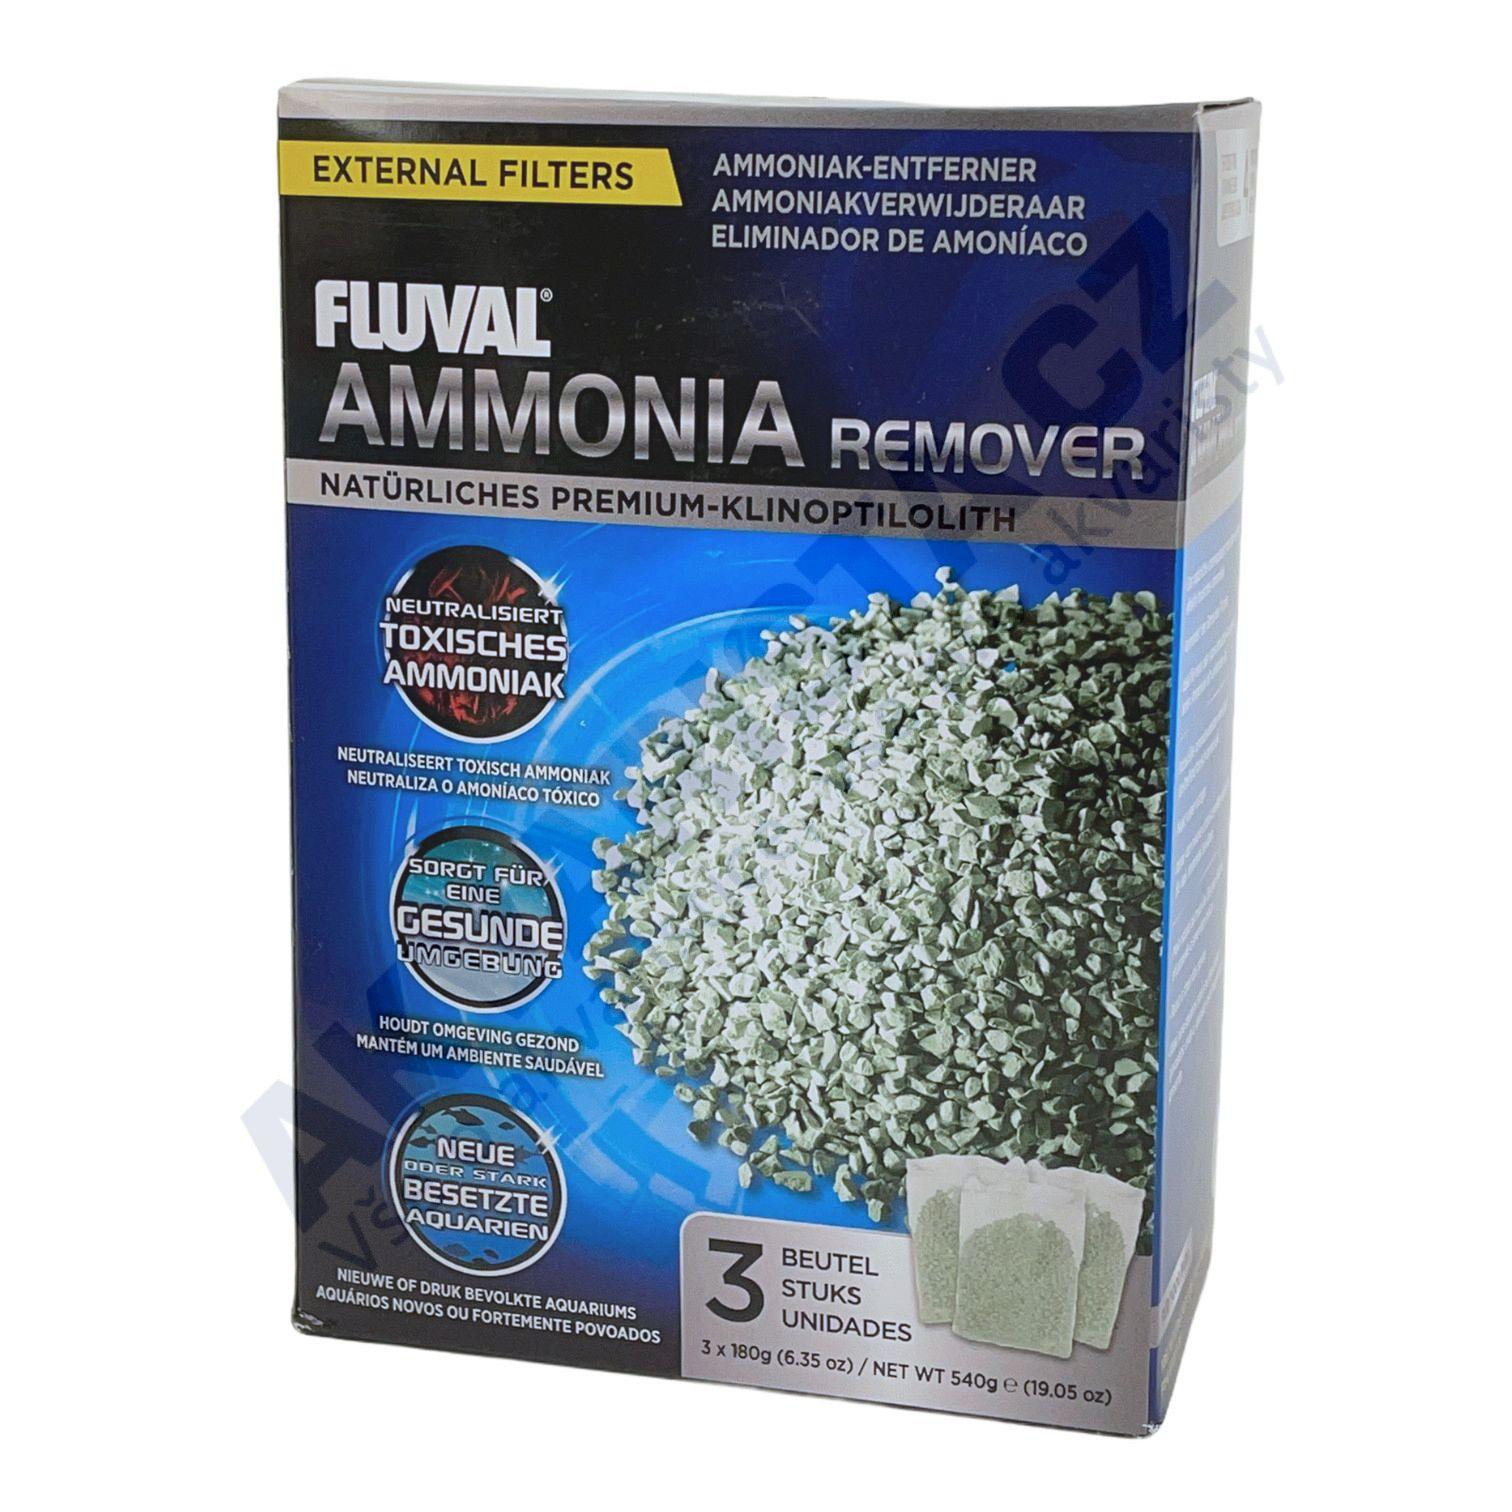 Fluval Náplň odstraňovač dusíkatých látek 540g